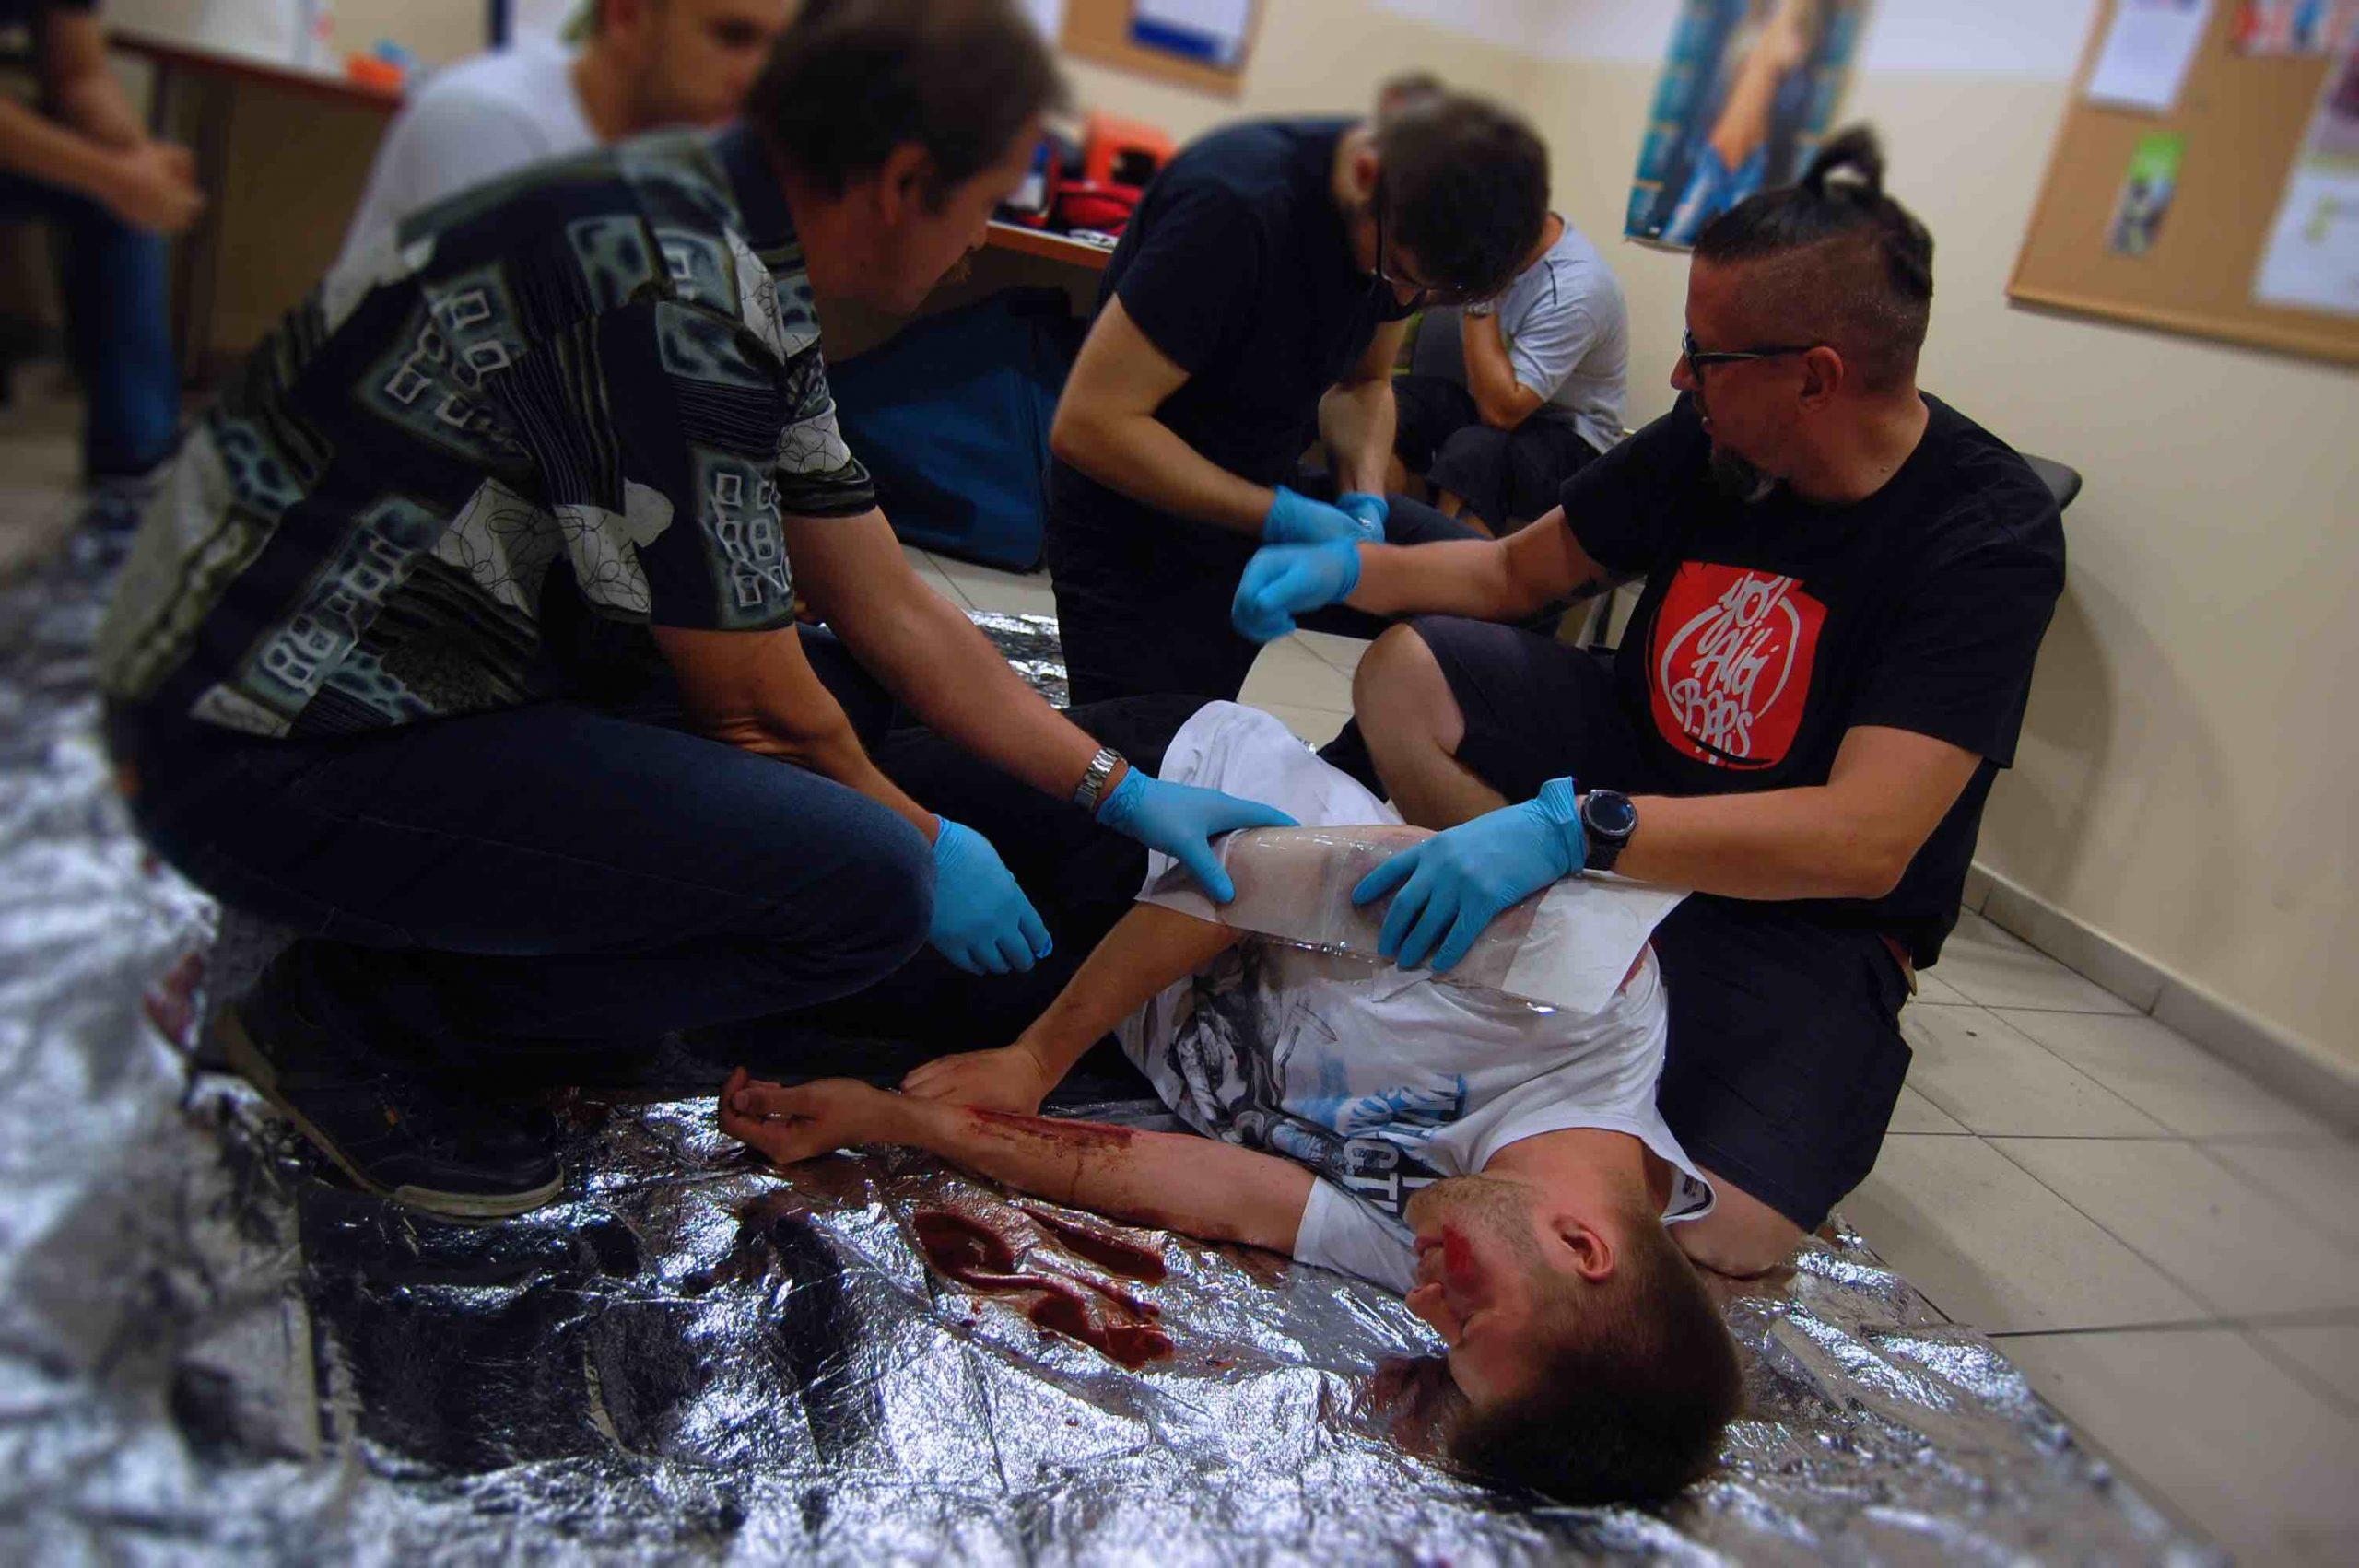 Uczymy ratować - szkolenia - ratownictwo medyczne - ratownictwo wodne - 3